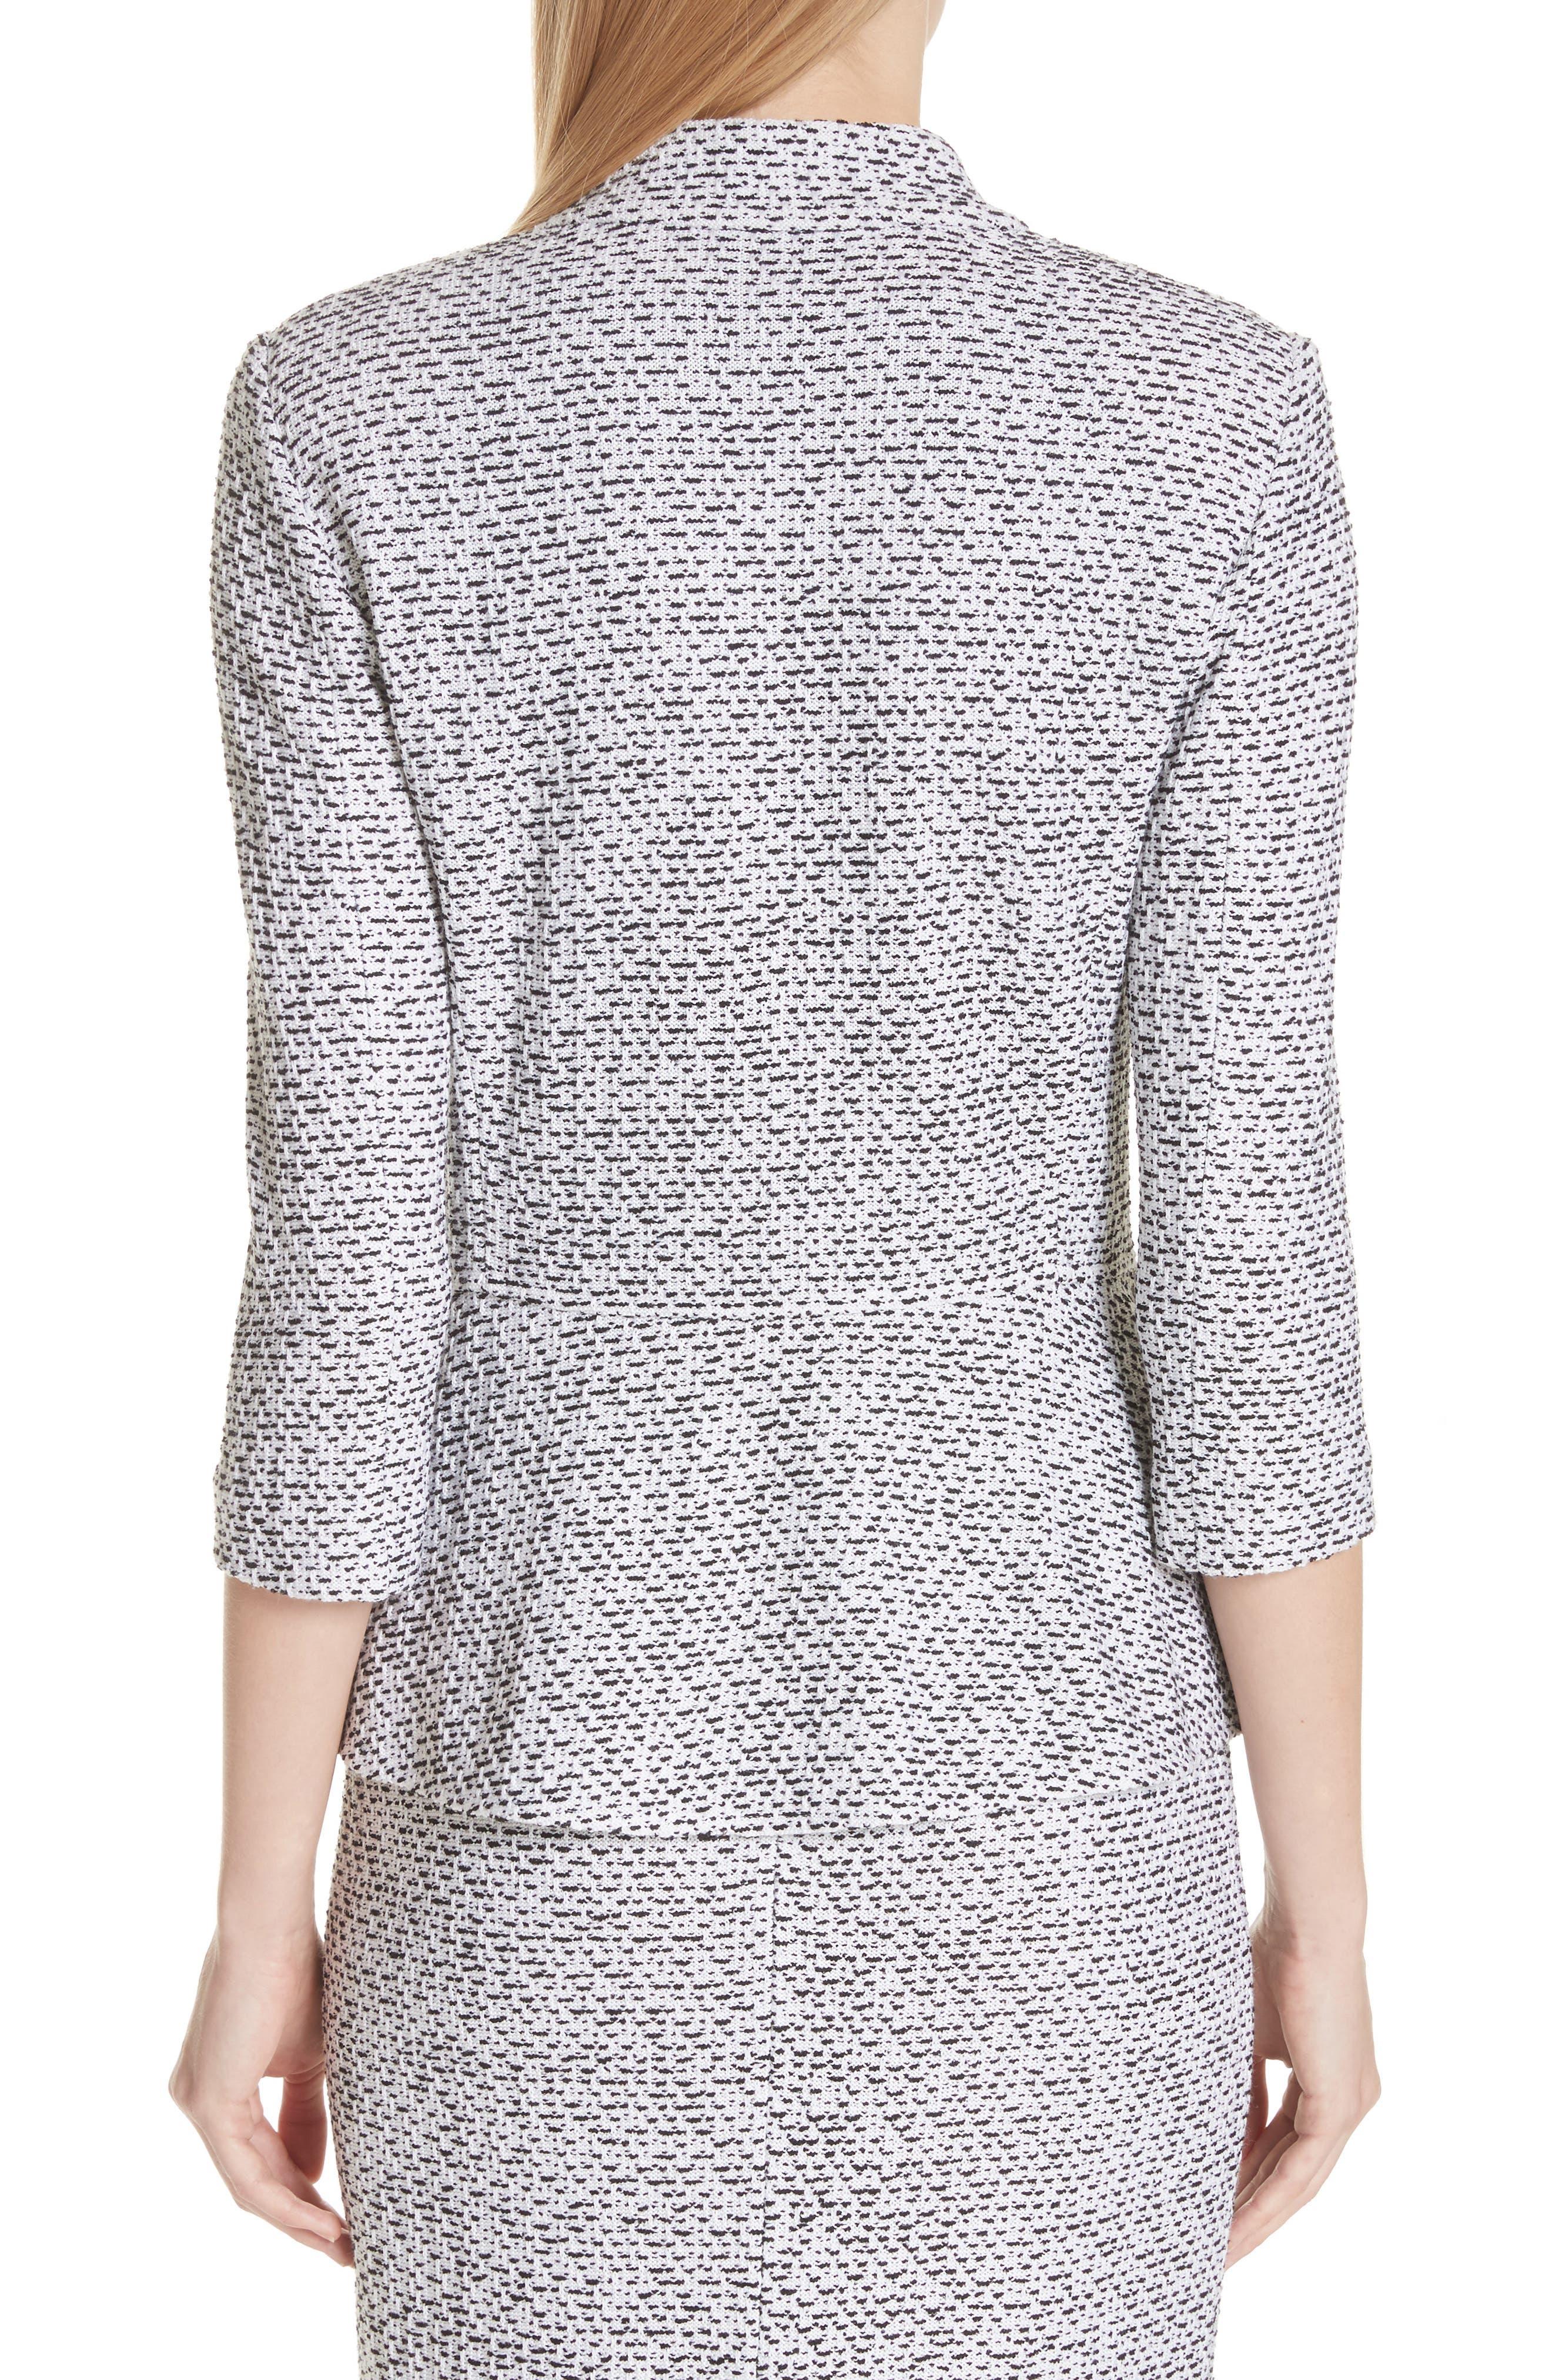 Olivia Bouclé Knit Jacket,                             Alternate thumbnail 2, color,                             WHITE/ CAVIAR